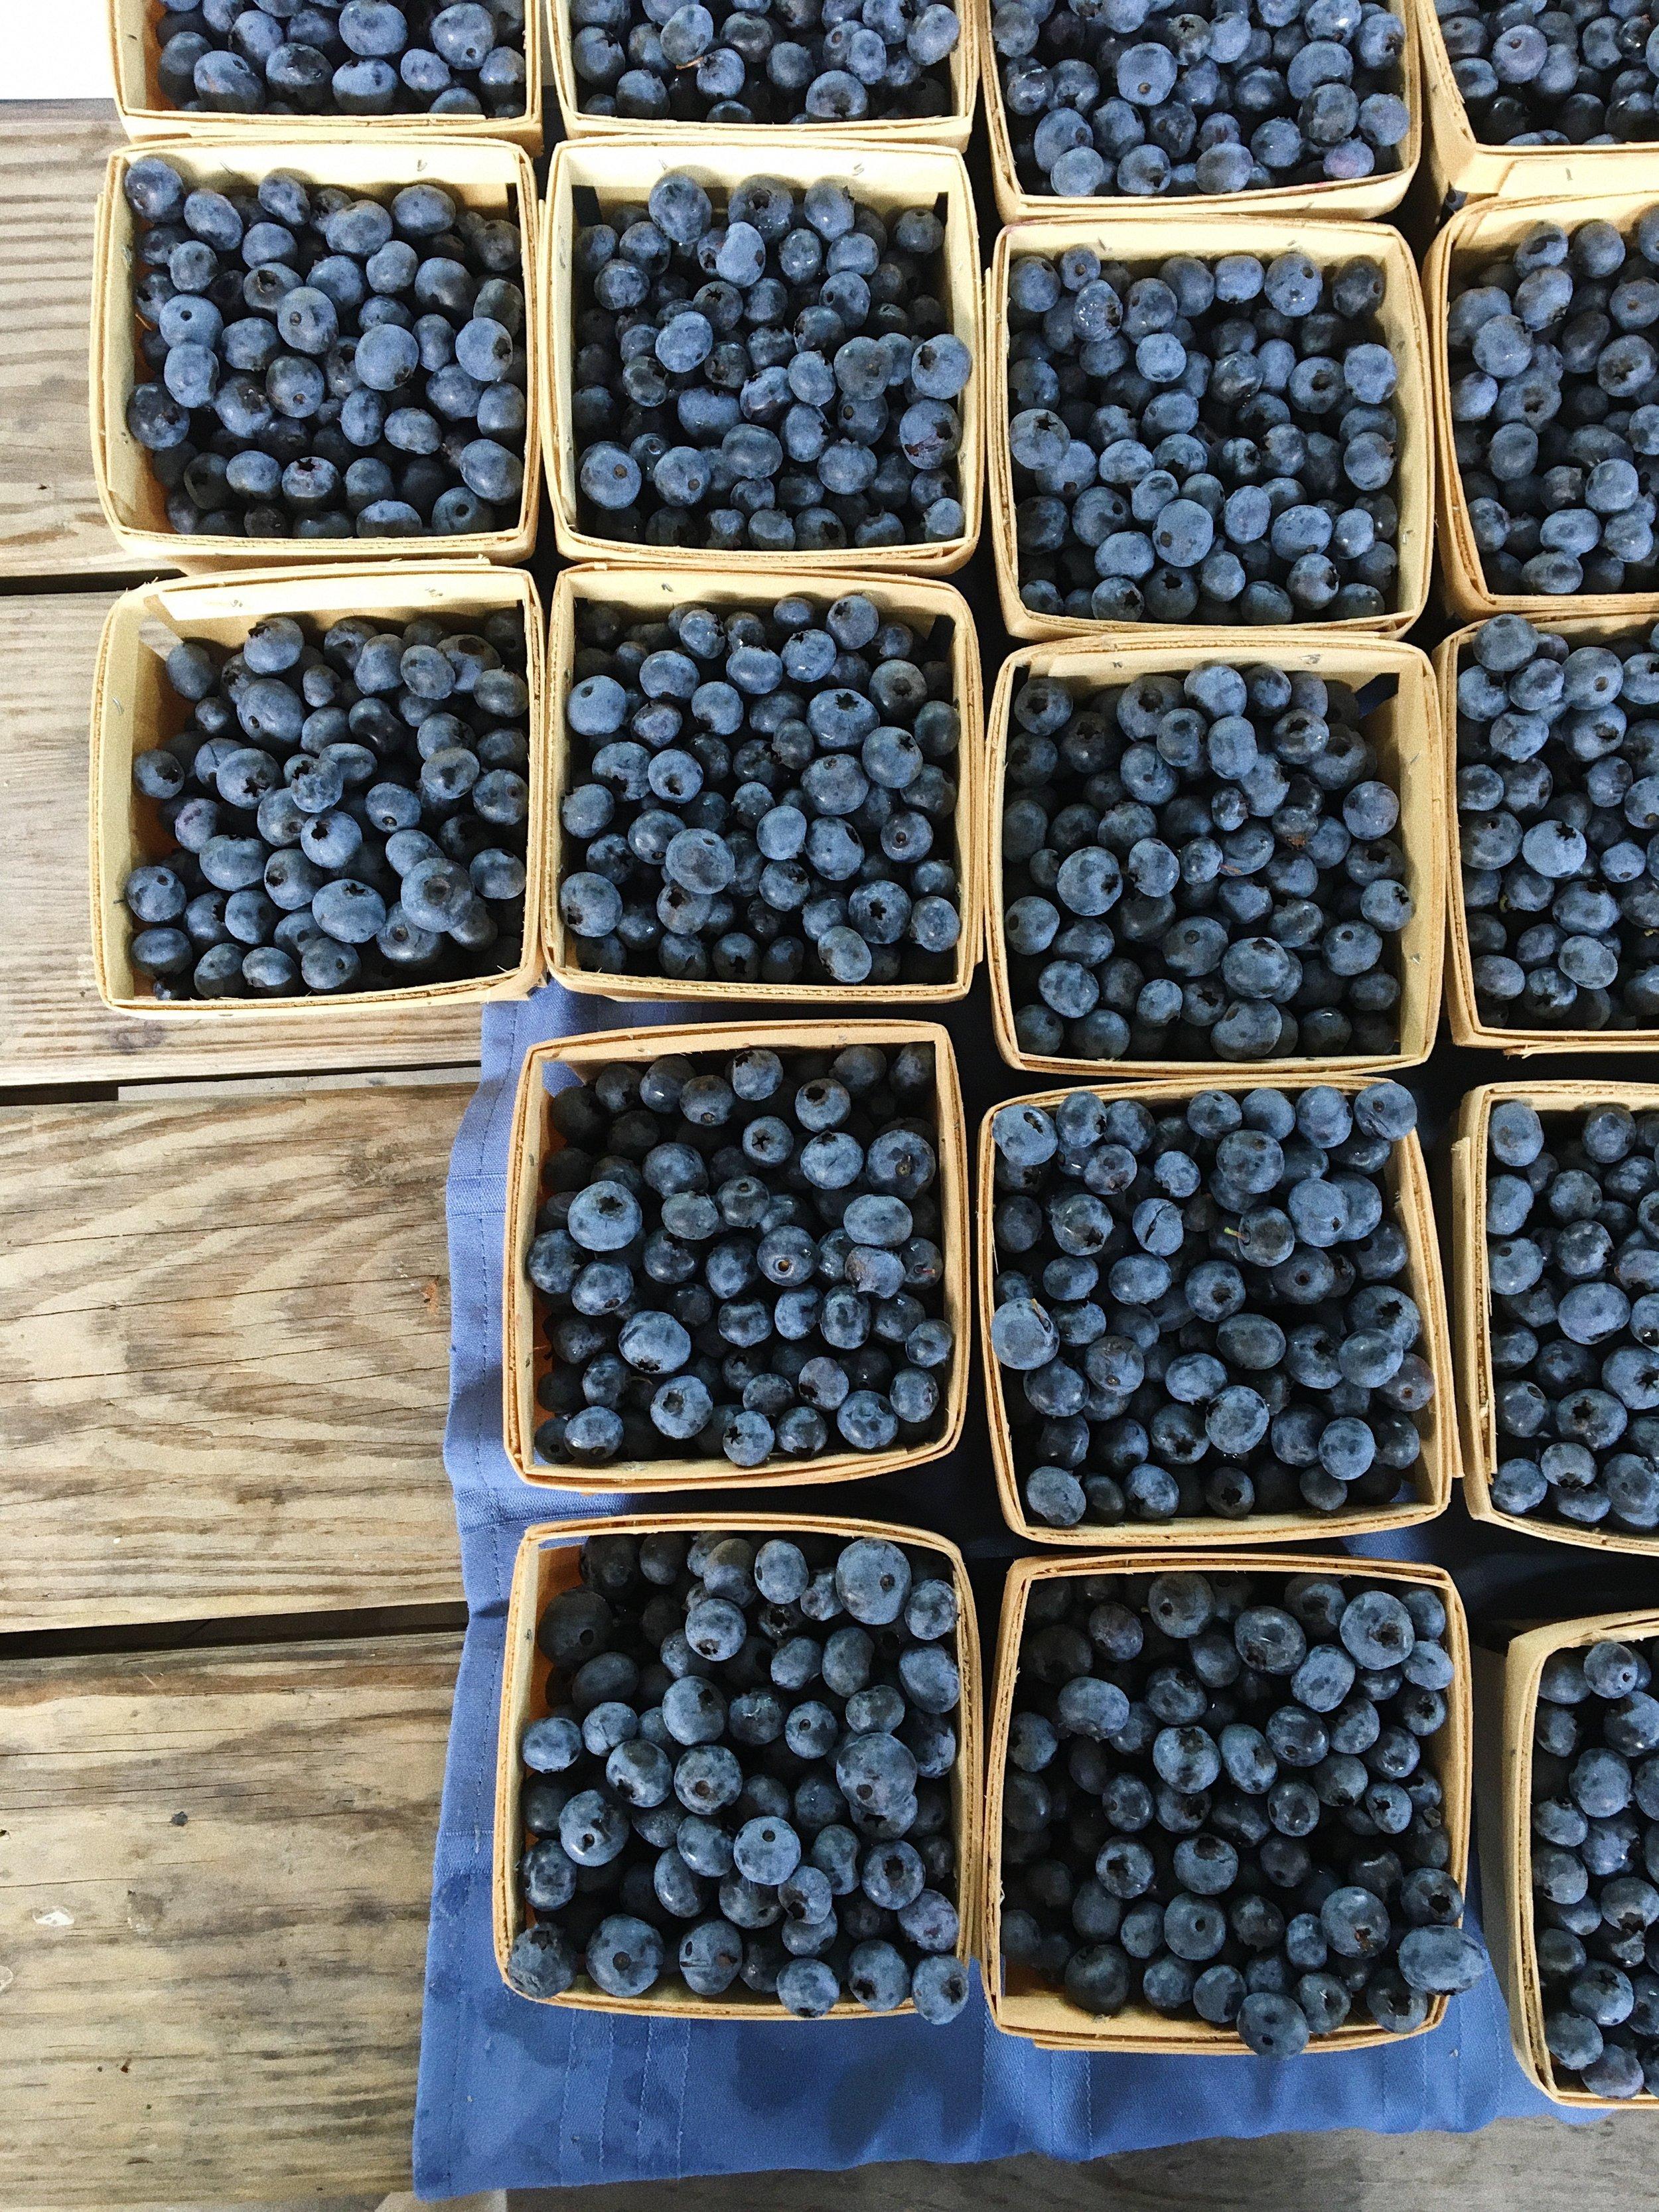 Bluebs- Ithaca Farmers Market